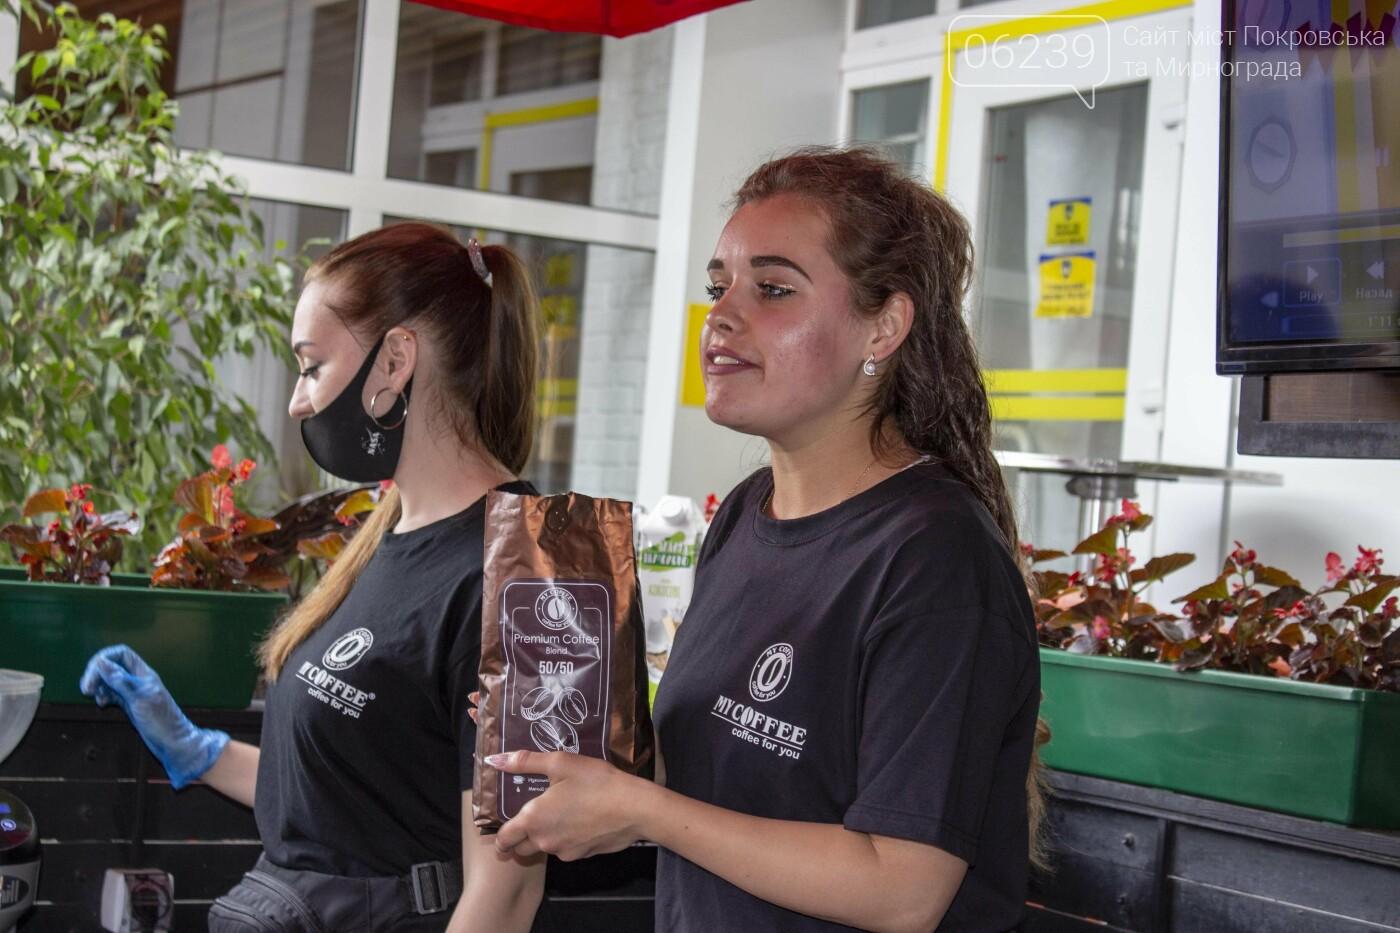 В Покровске прошла благотворительная акция для детей с инвалидностью, - ФОТО, фото-4